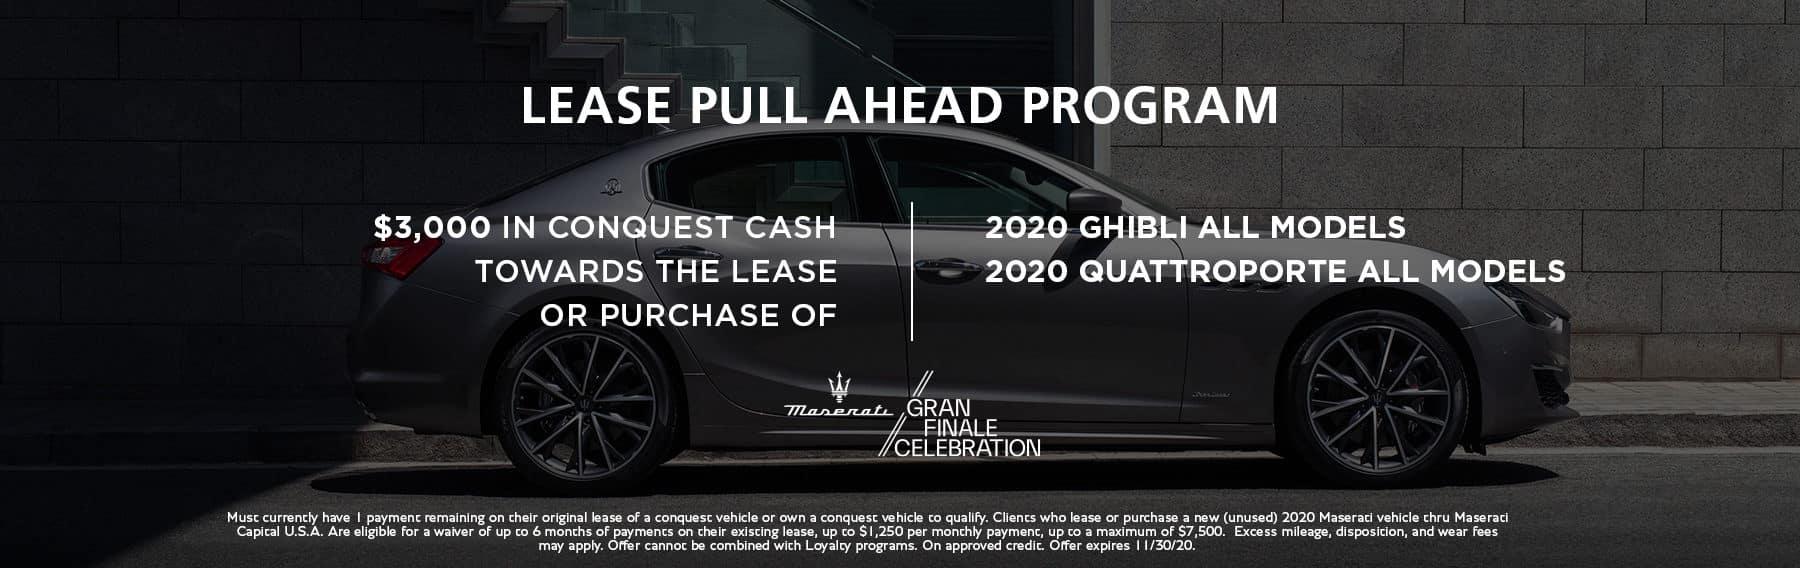 Lease Pull Ahead2